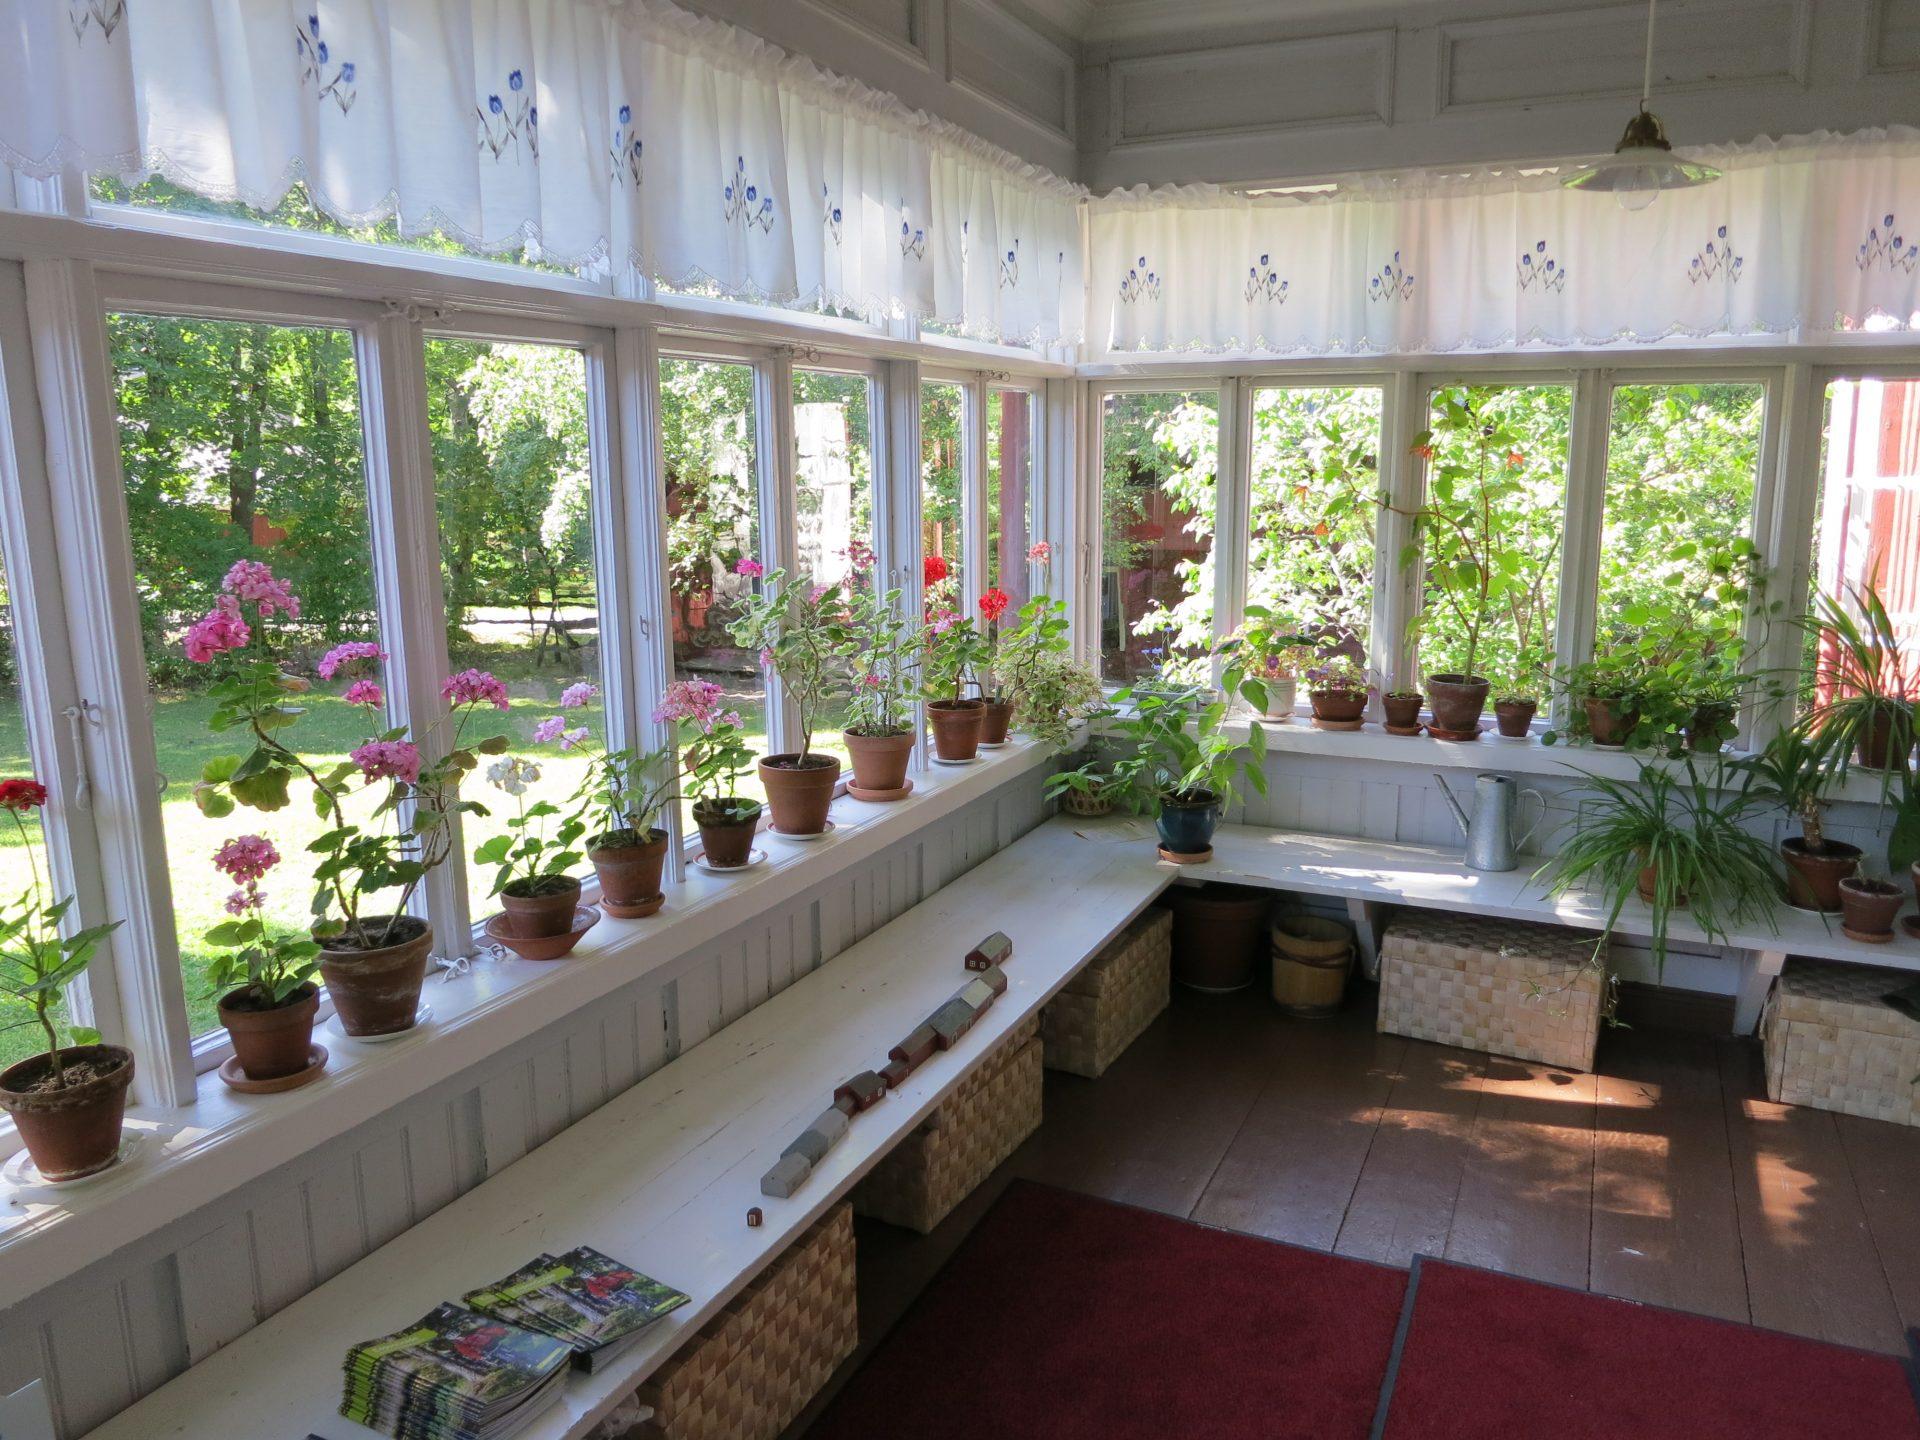 Quel jardin choisir pour son interieur